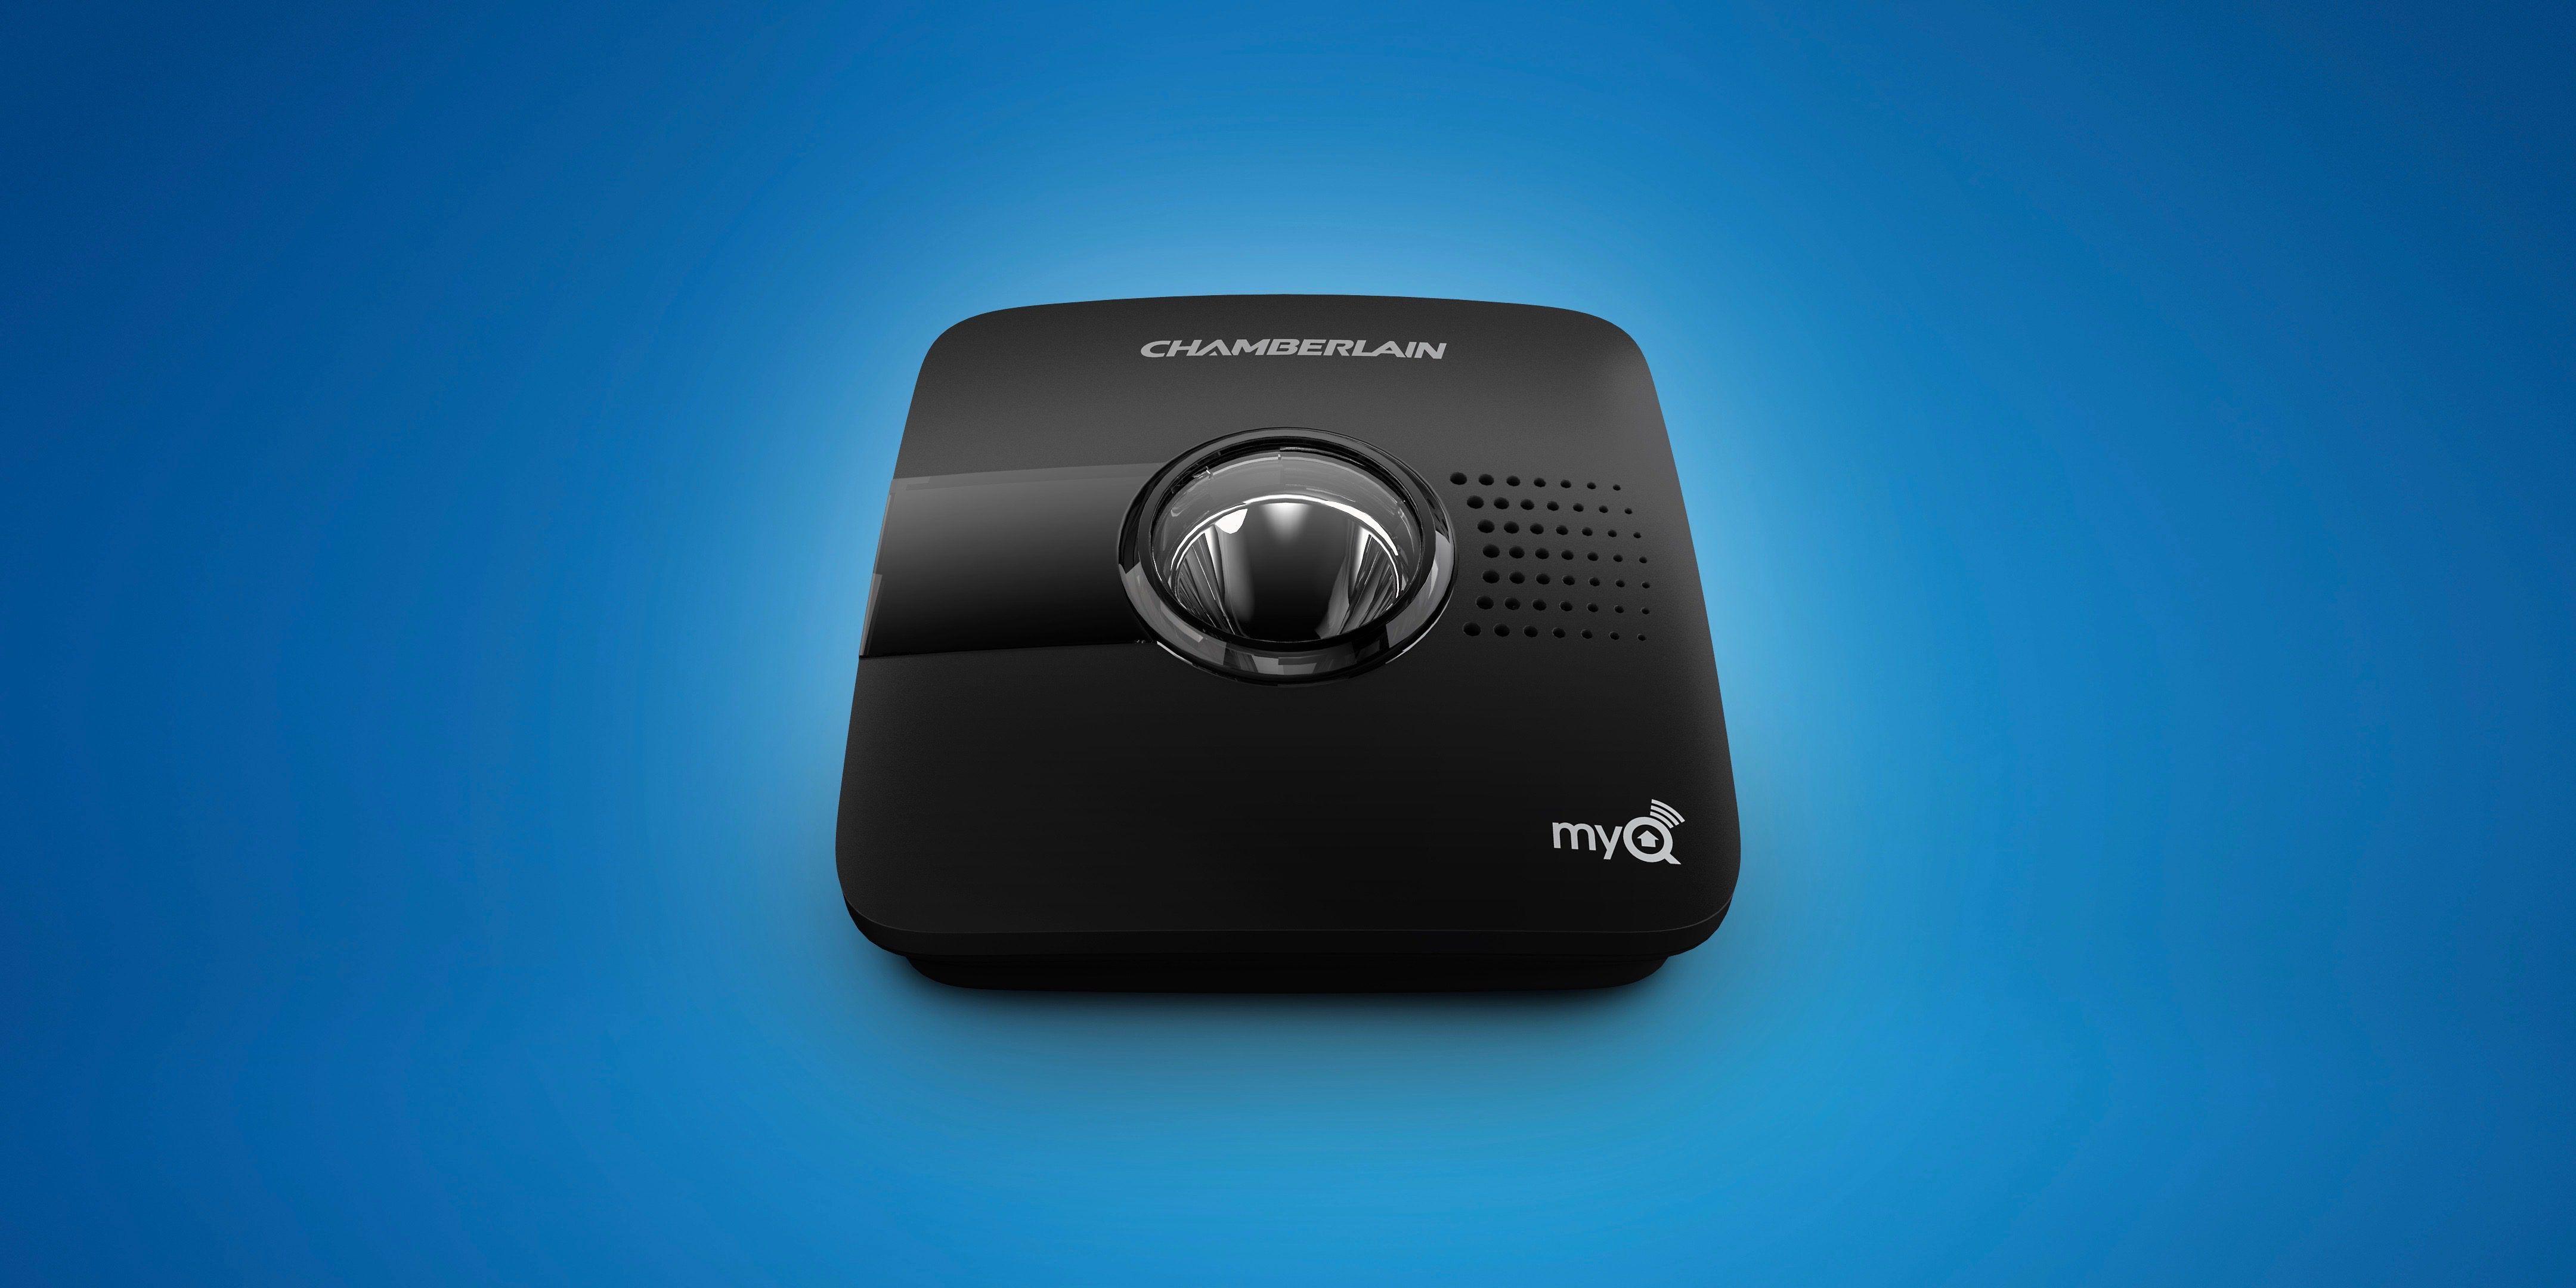 Chamberlain is bringing Apple's HomeKit to MyQ garage door